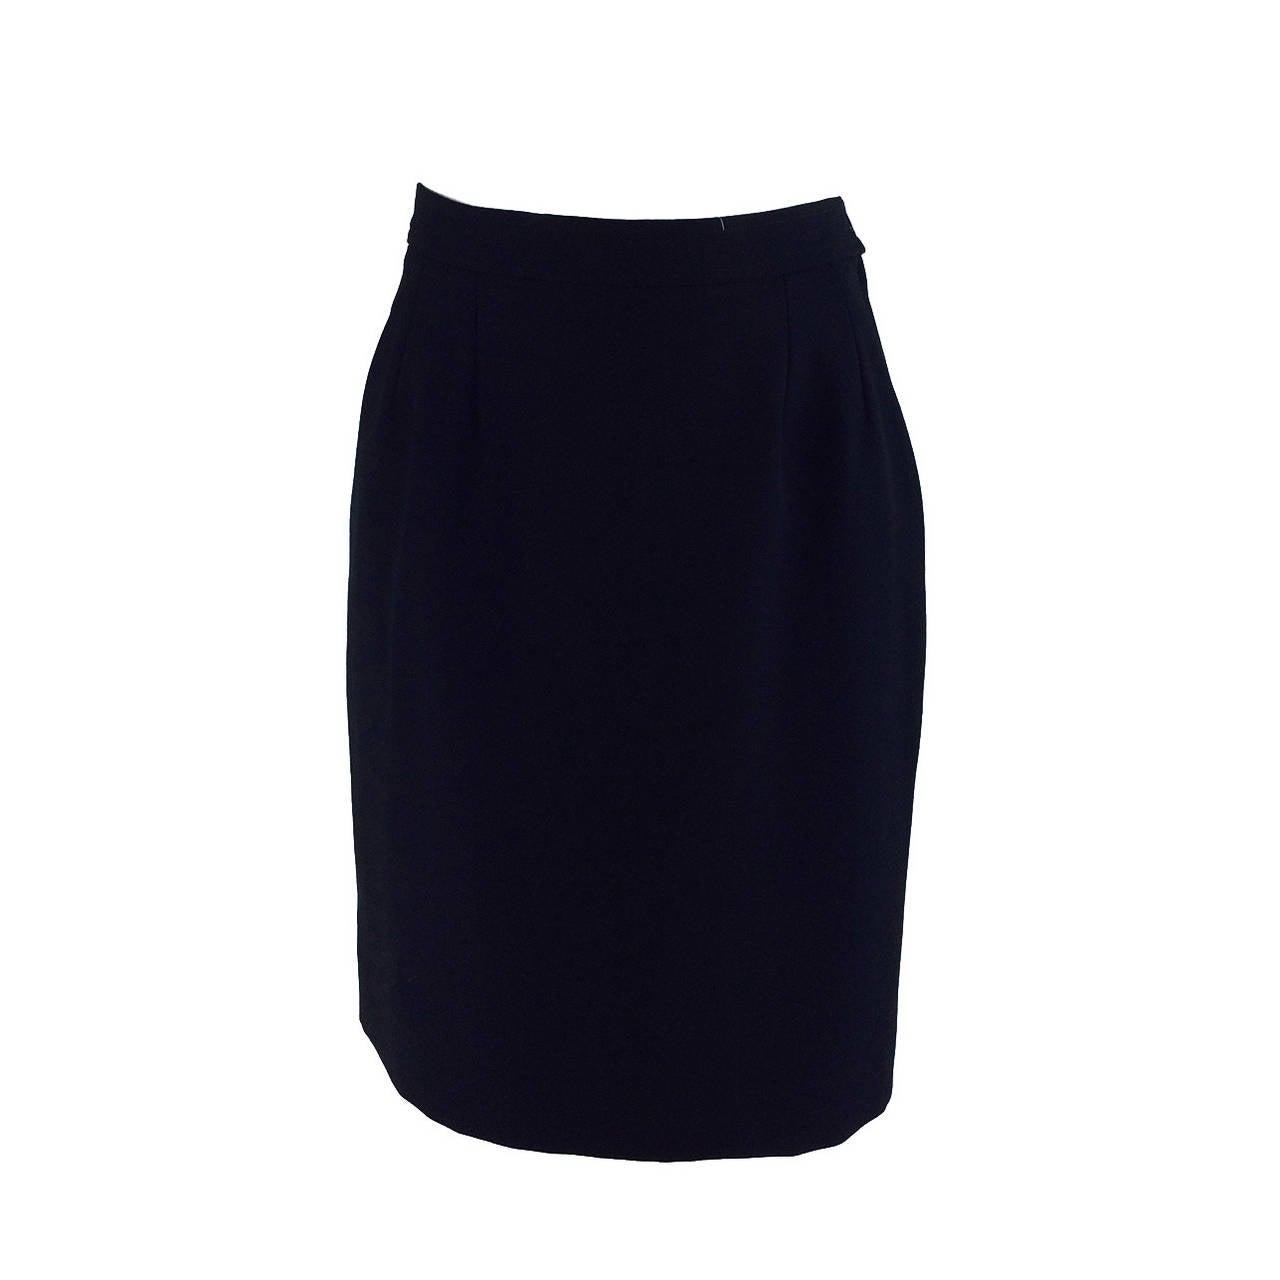 1990s Yves St Laurent black wool twill tuxedo skirt